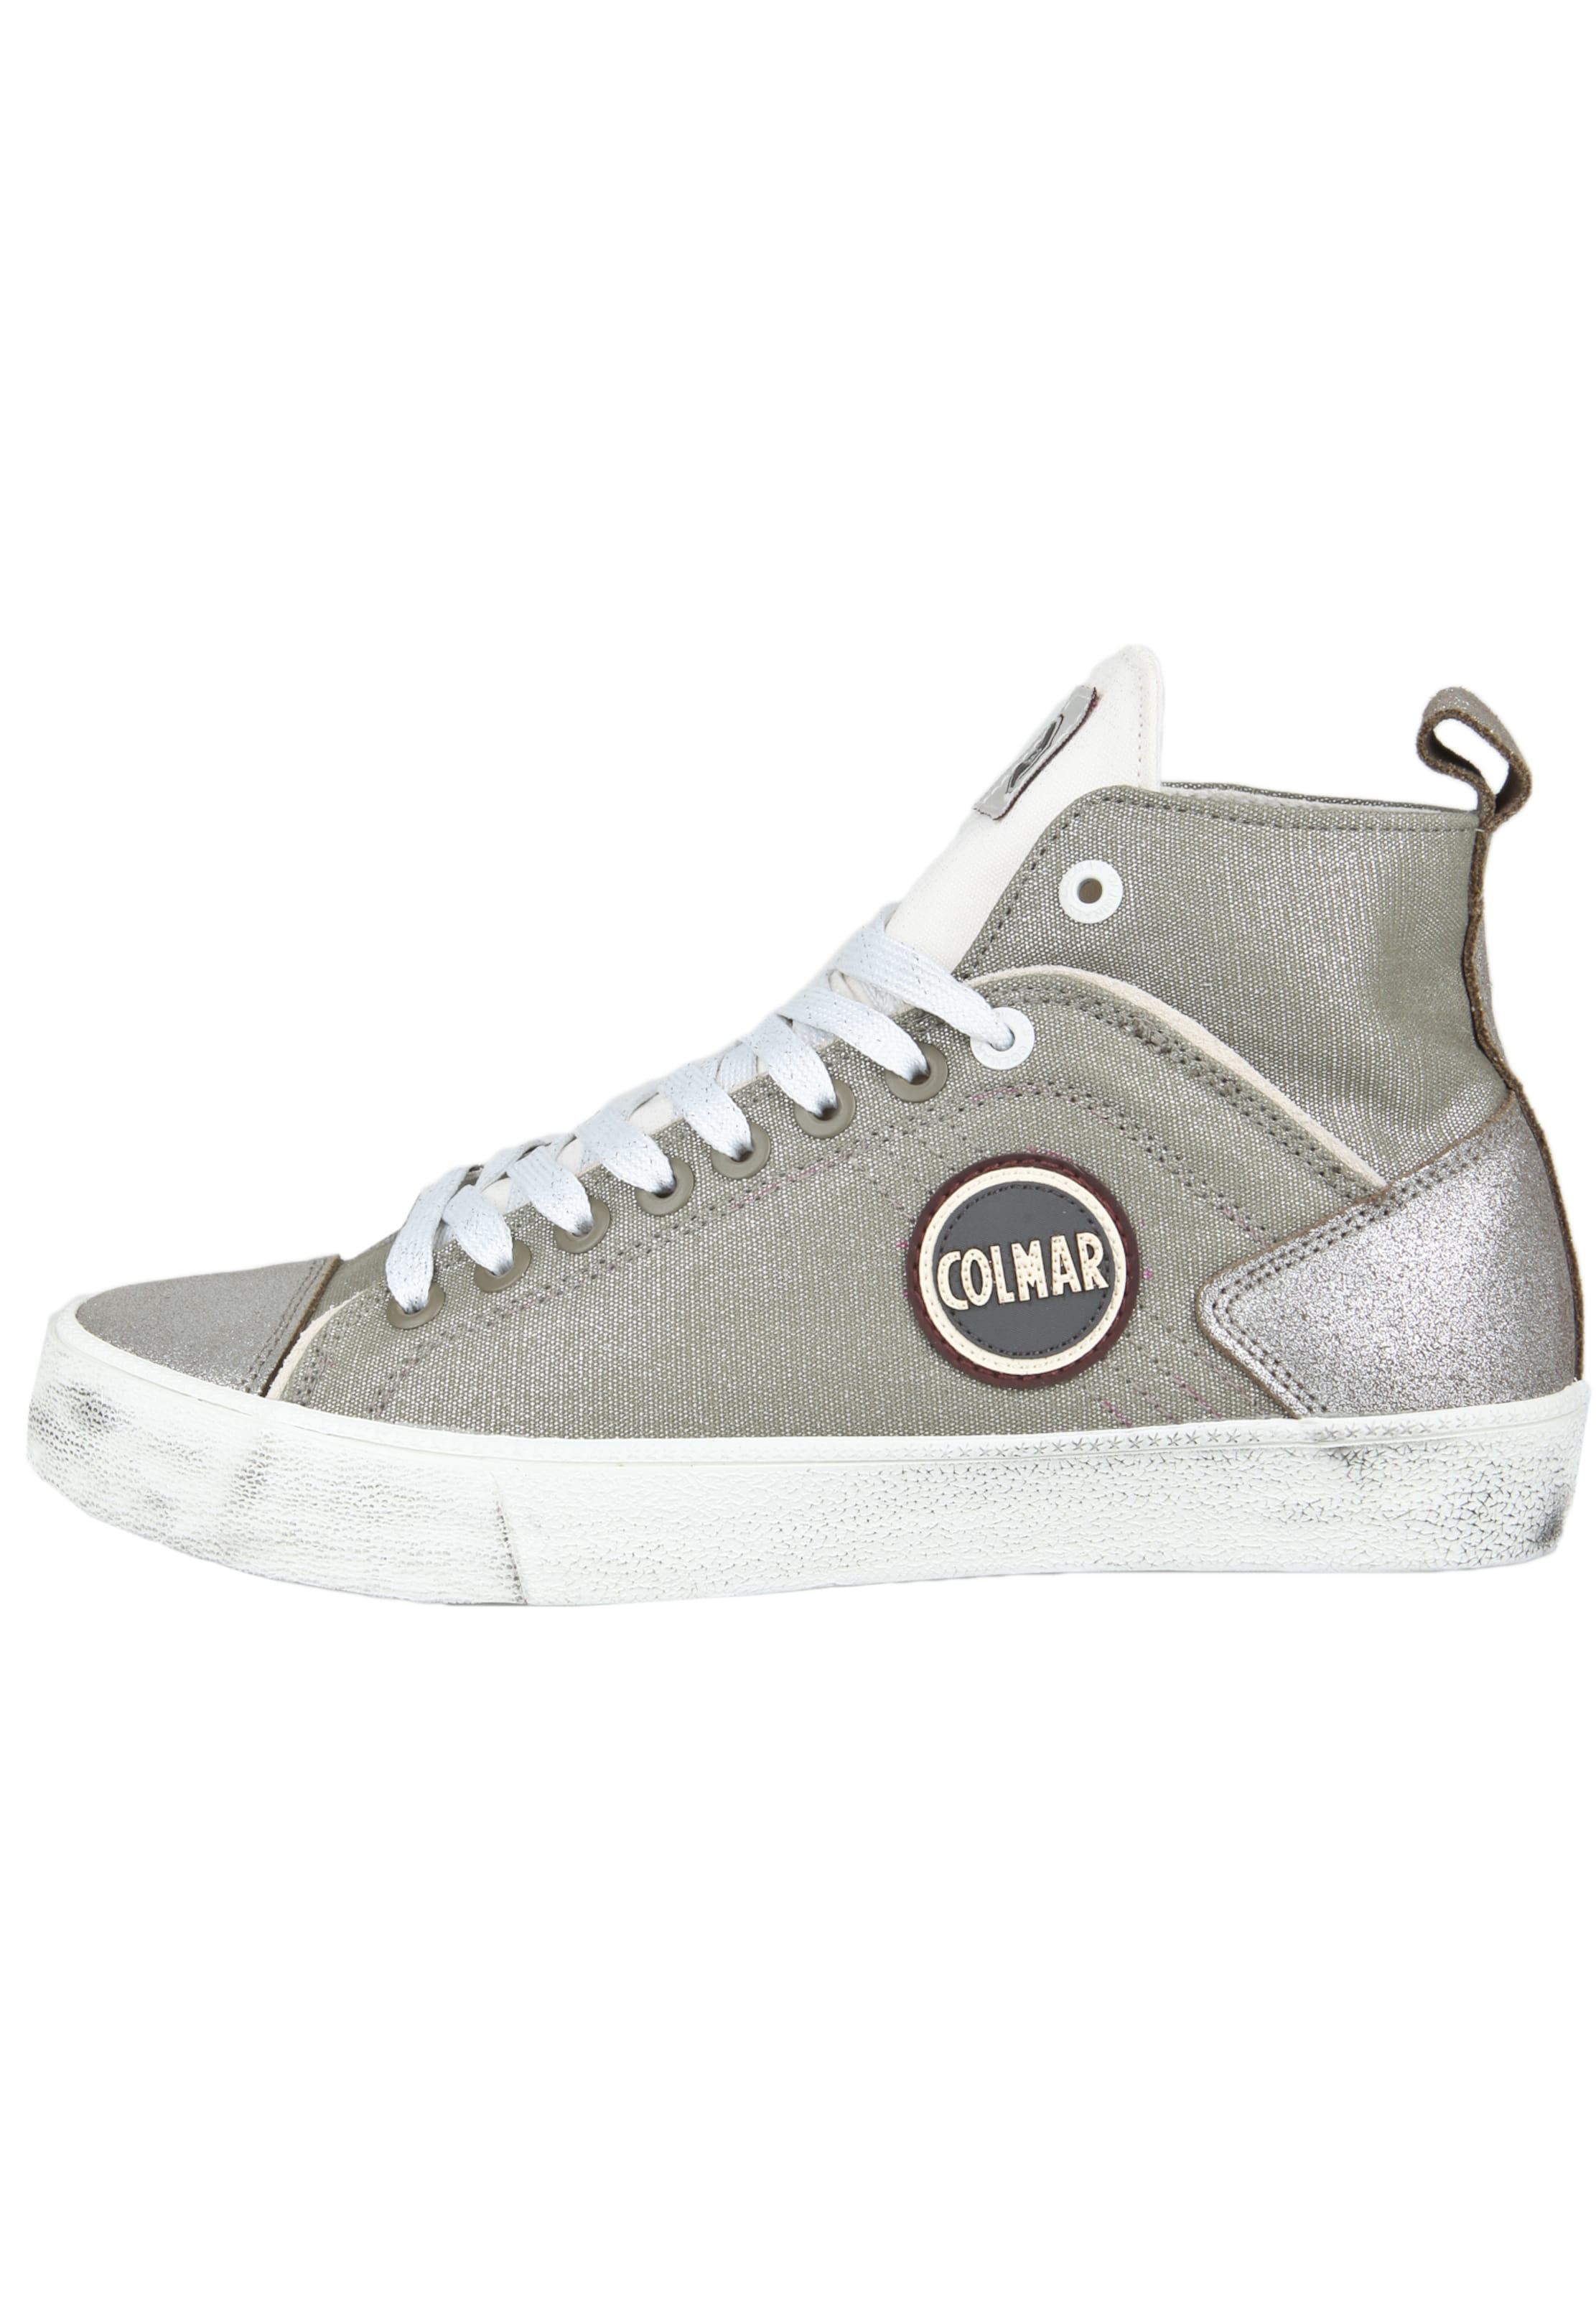 Colmar Sneaker COLORS DURDEN COLORS Sneaker Verschleißfeste billige Schuhe 178ce5